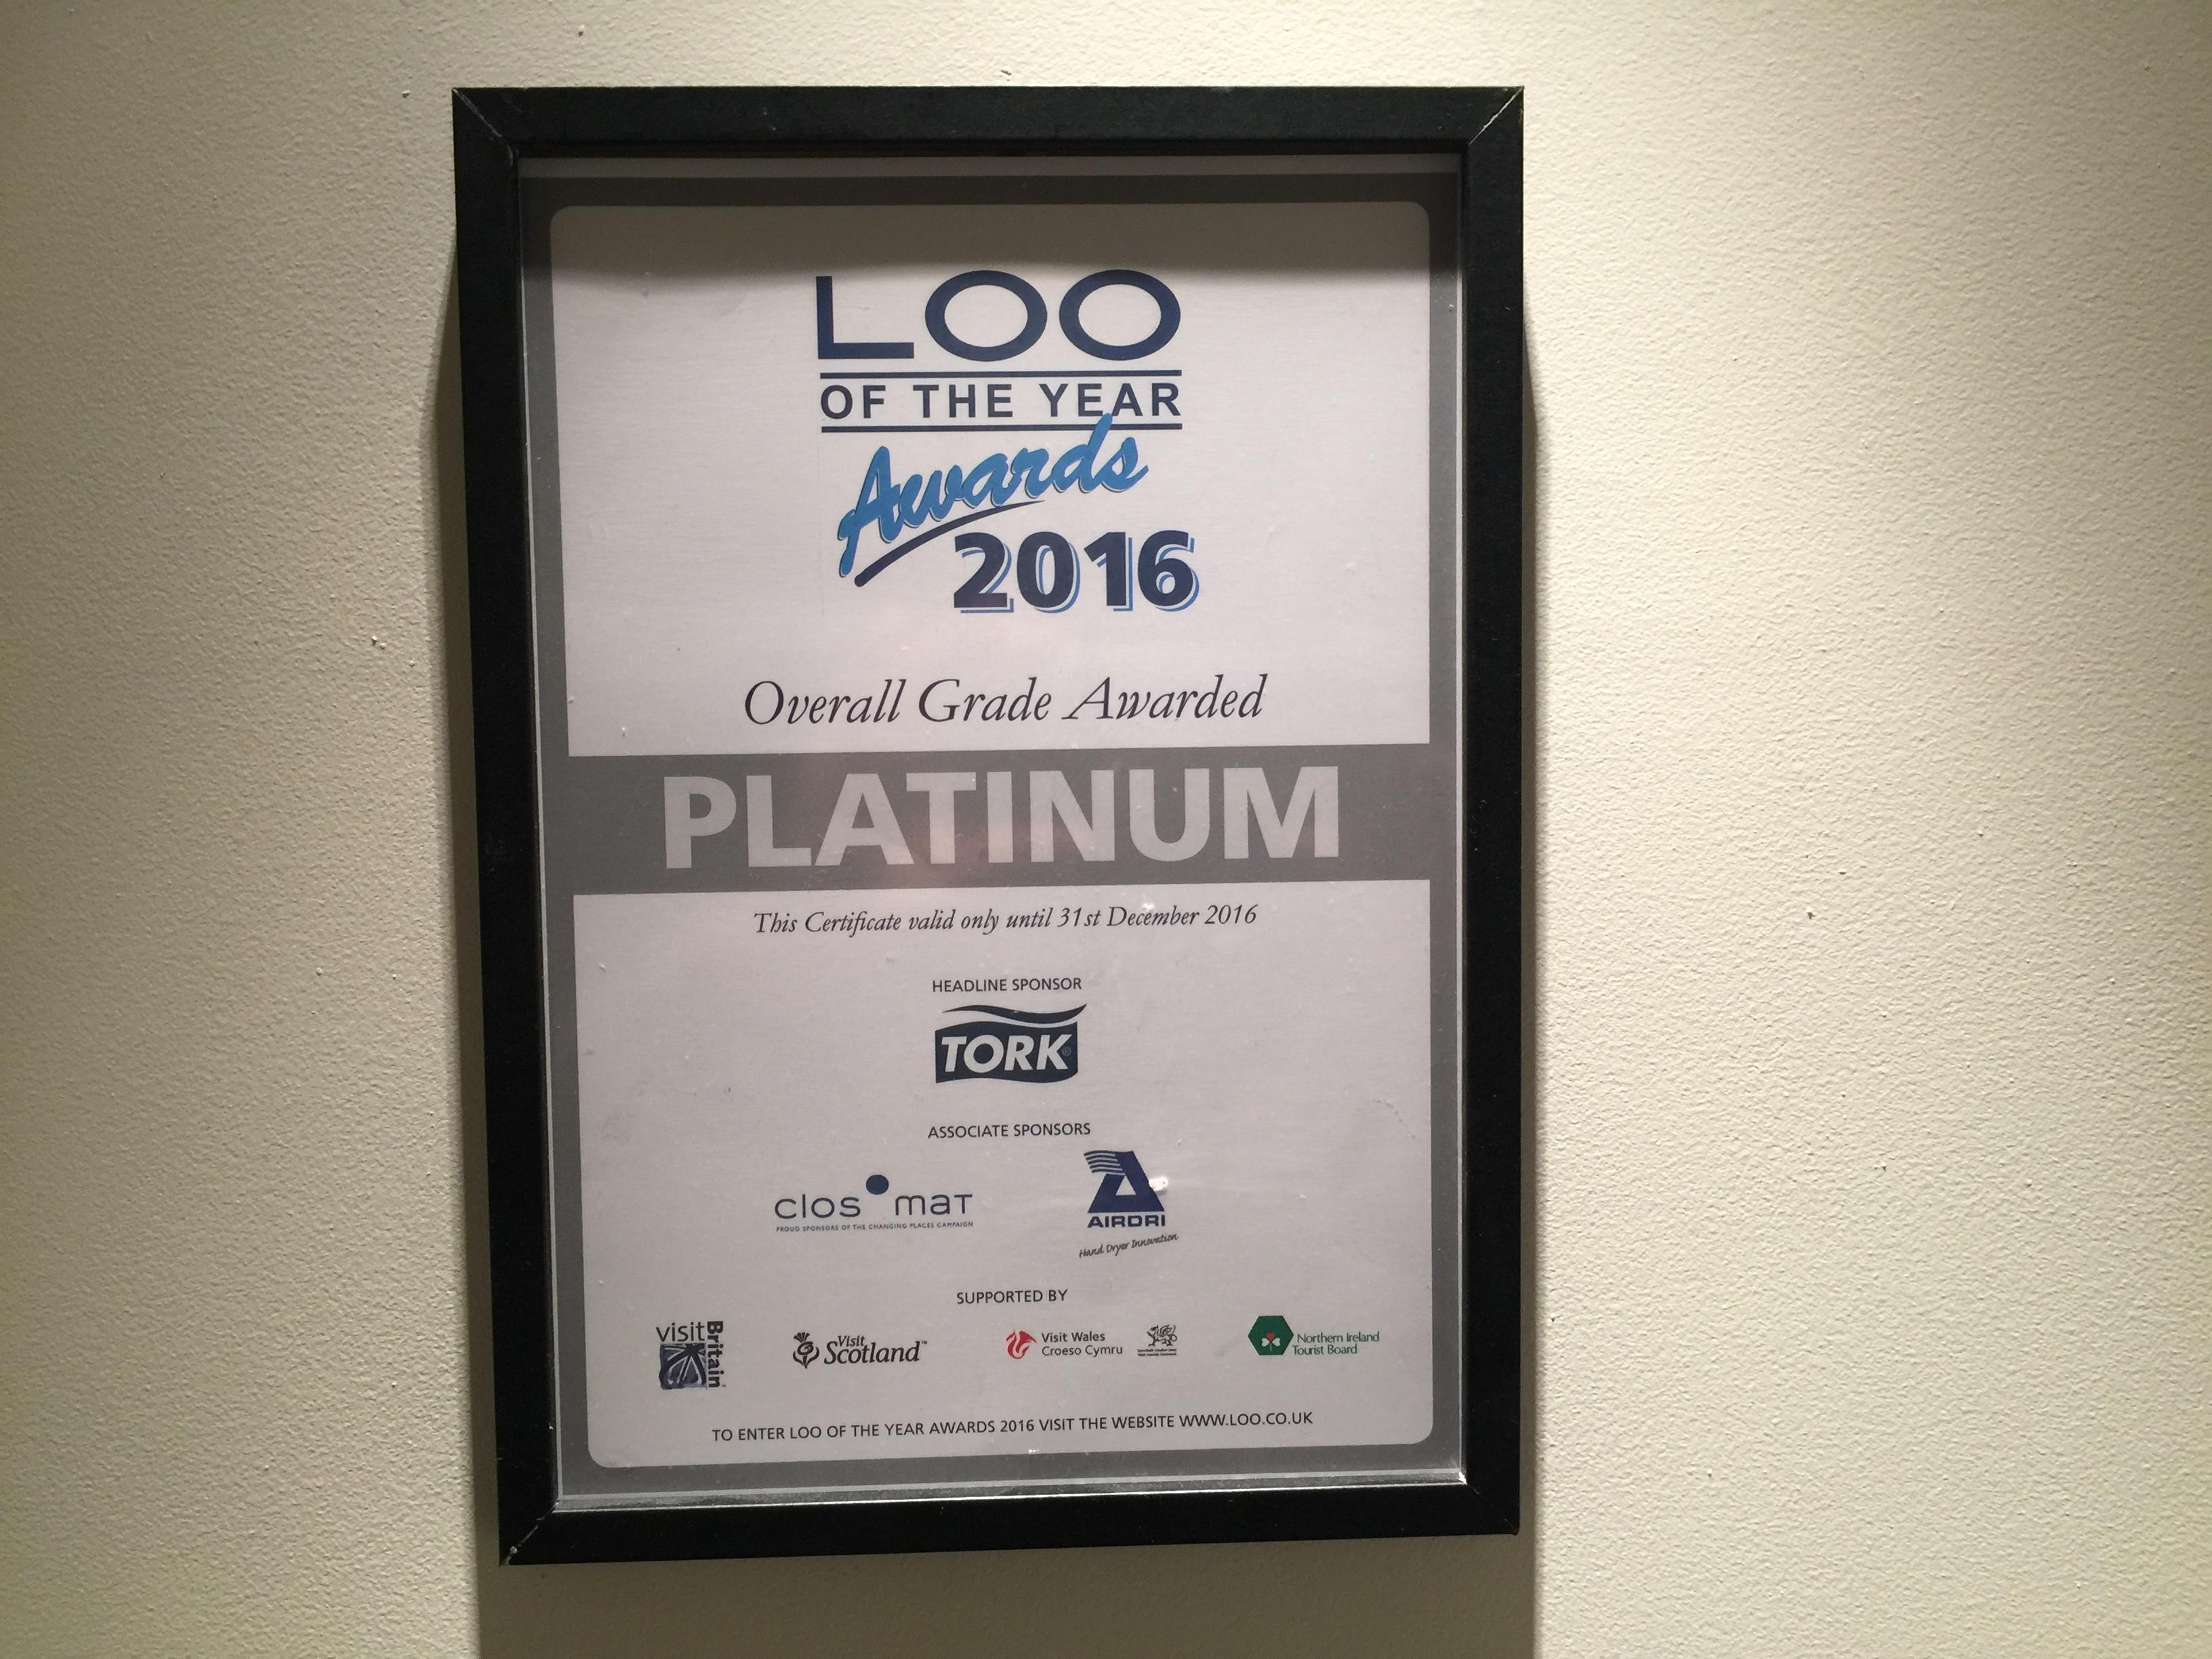 Loo_awards_2016_Vapiano.JPG